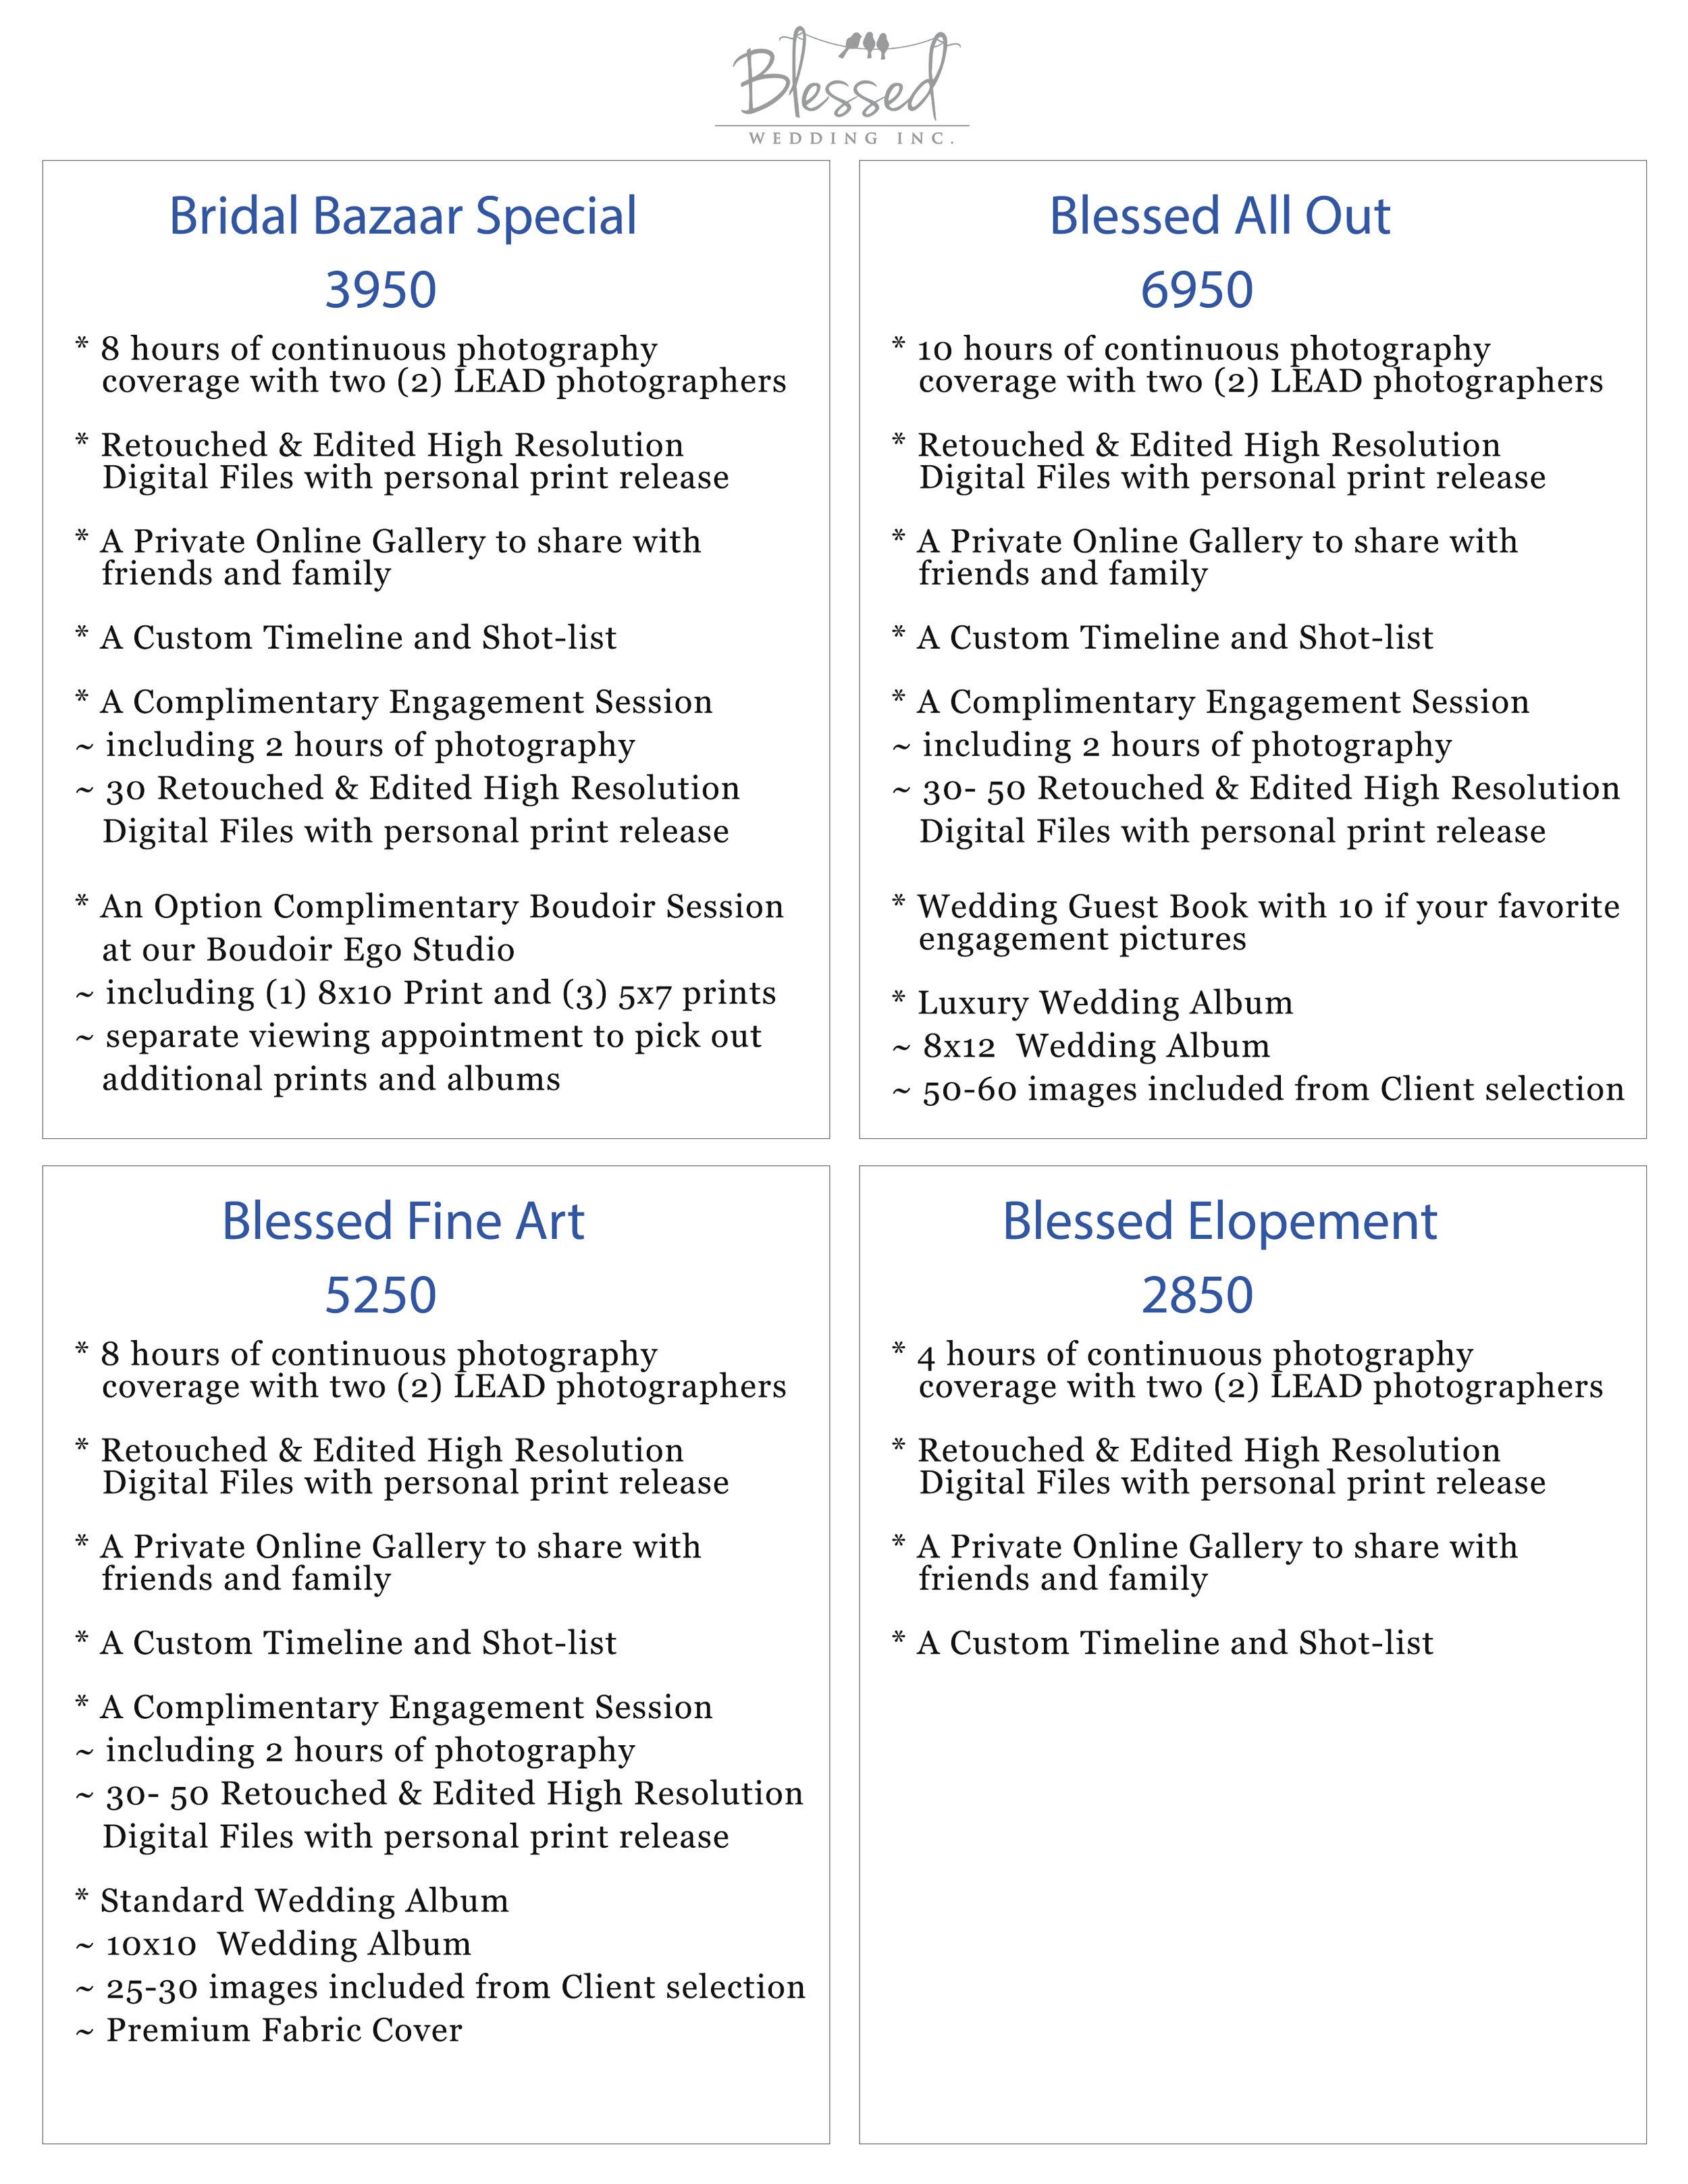 Blessed 2020 Pricing Bridal Bazaar.jpg